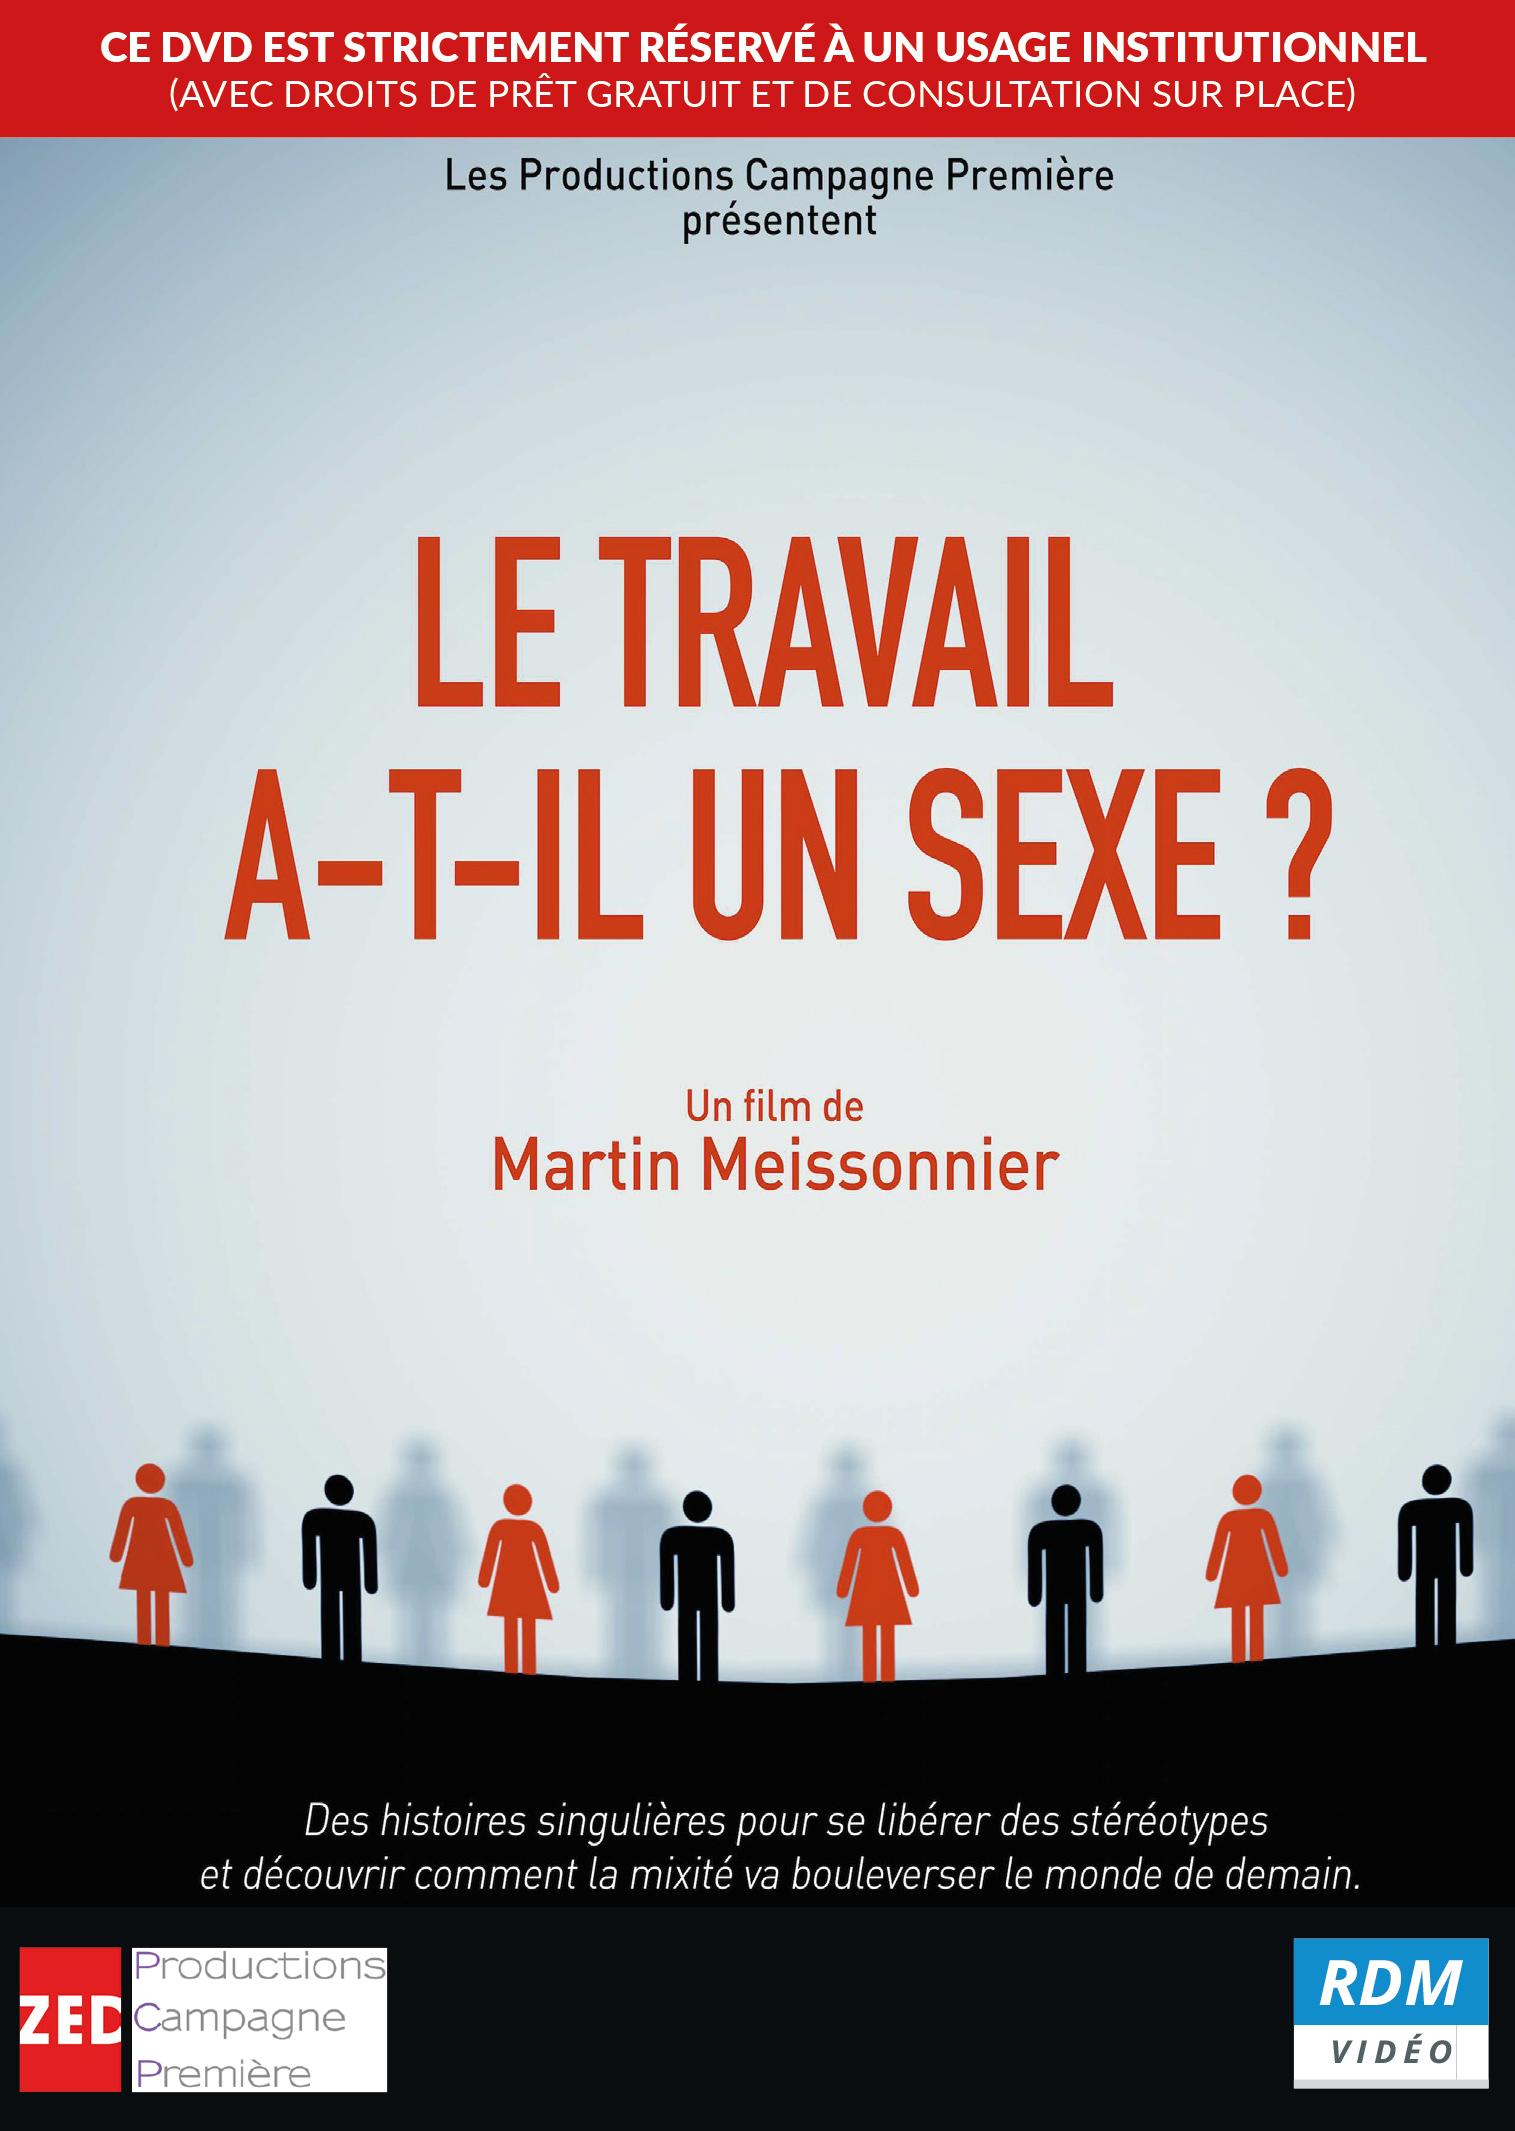 Le Travail a-t-il un sexe ? / Film de Martin Meissonnier  | Meissonnier, Martin. Metteur en scène ou réalisateur. Scénariste. Composition